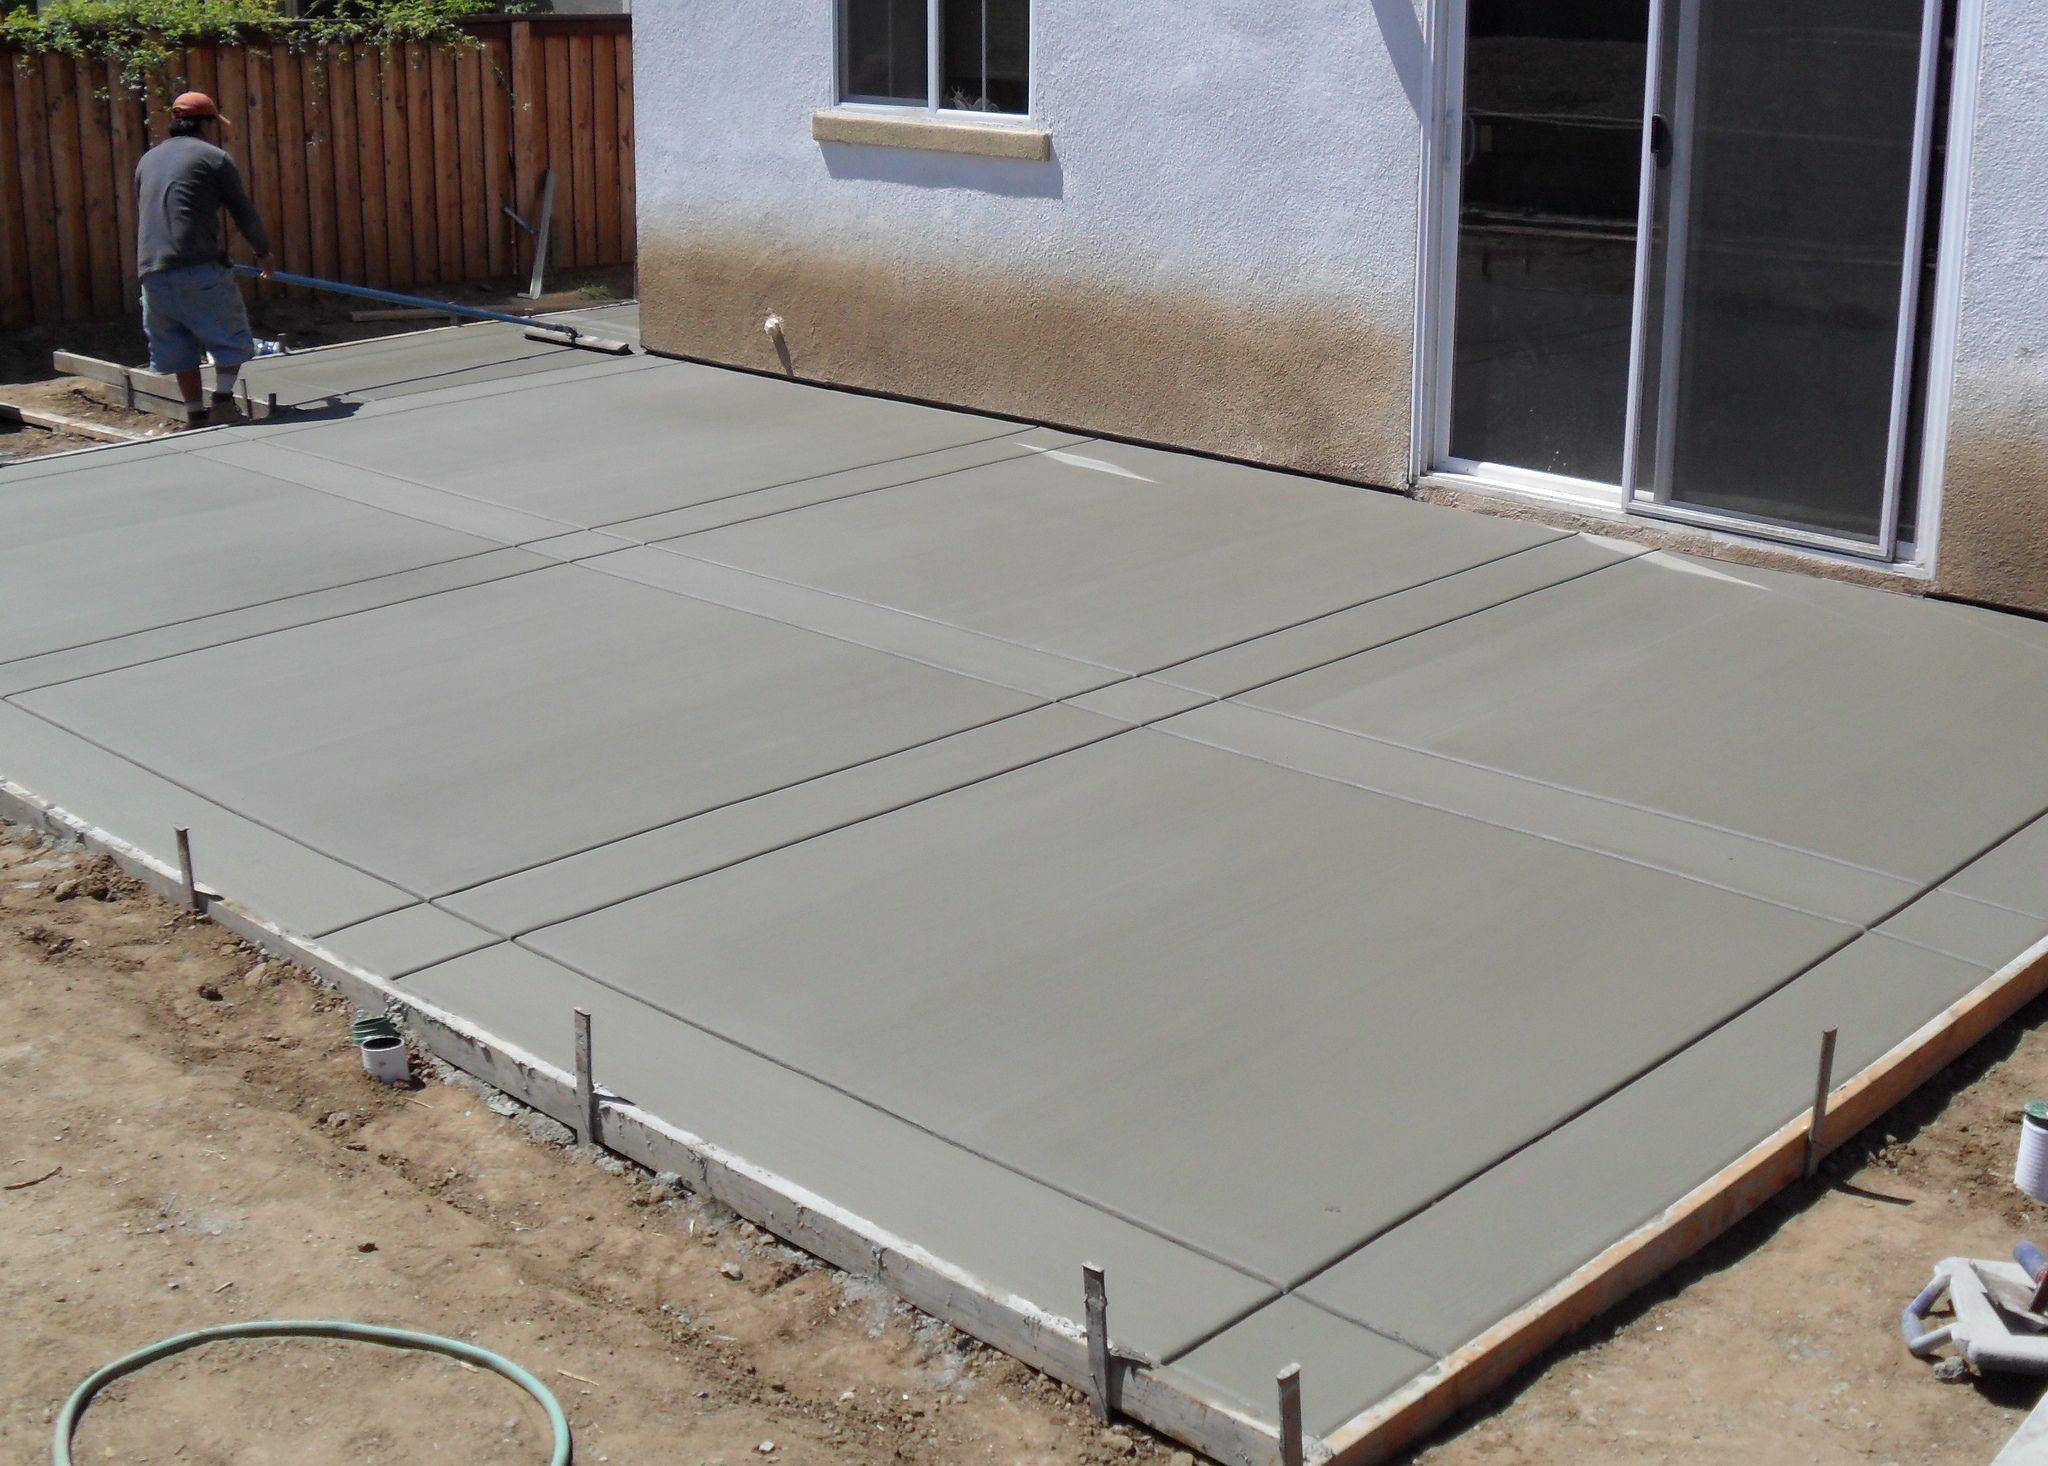 Concrete Patio in 2020   Poured concrete patio, Concrete ... on Poured Concrete Patio Ideas id=11195